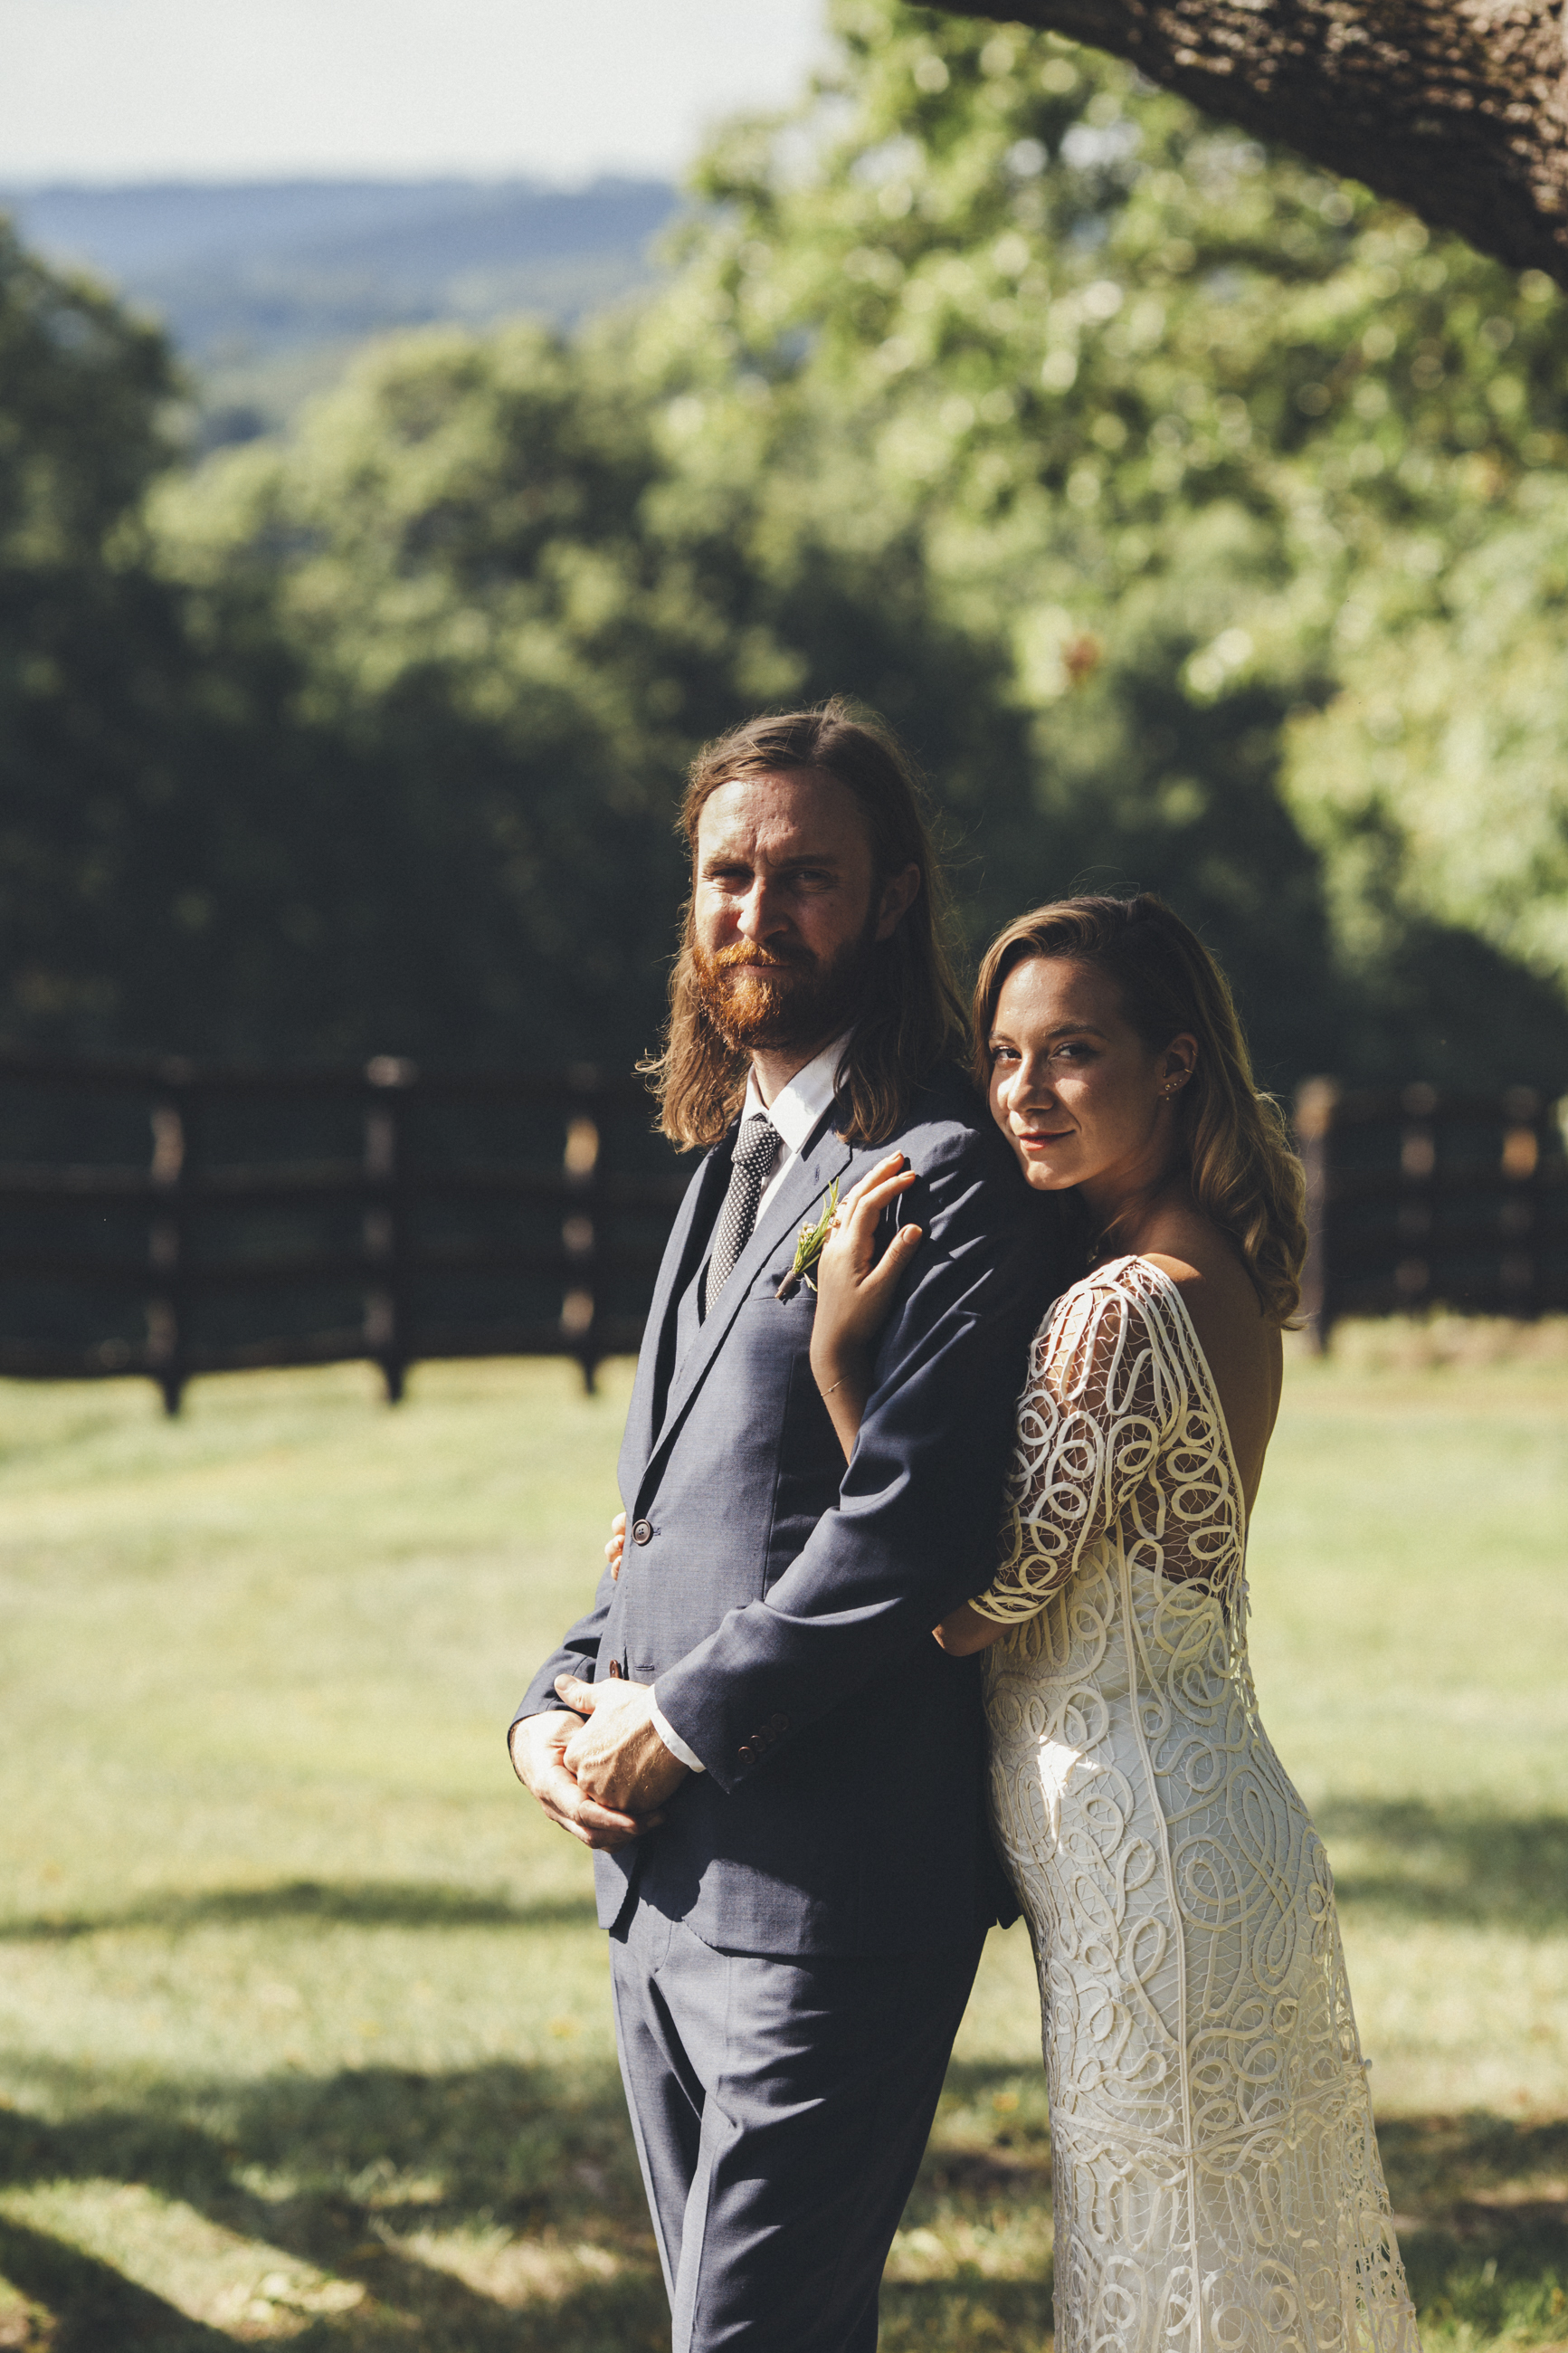 Em_and_Ax_00_wedding-301.jpg